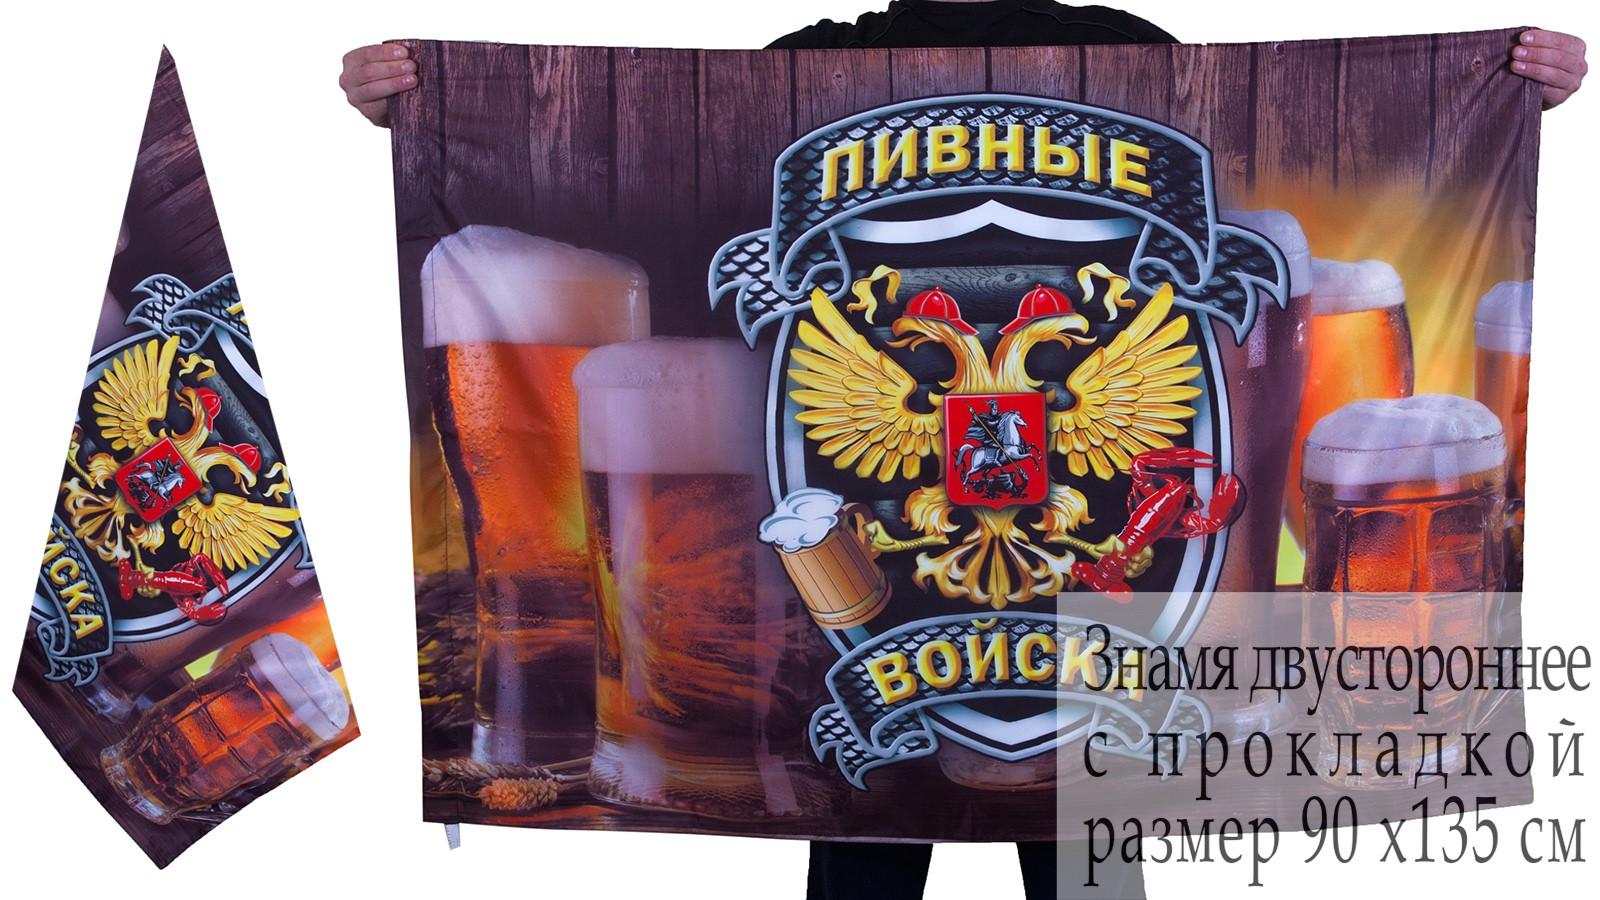 Заказать подарок мужчине в виде флага Пивных войск